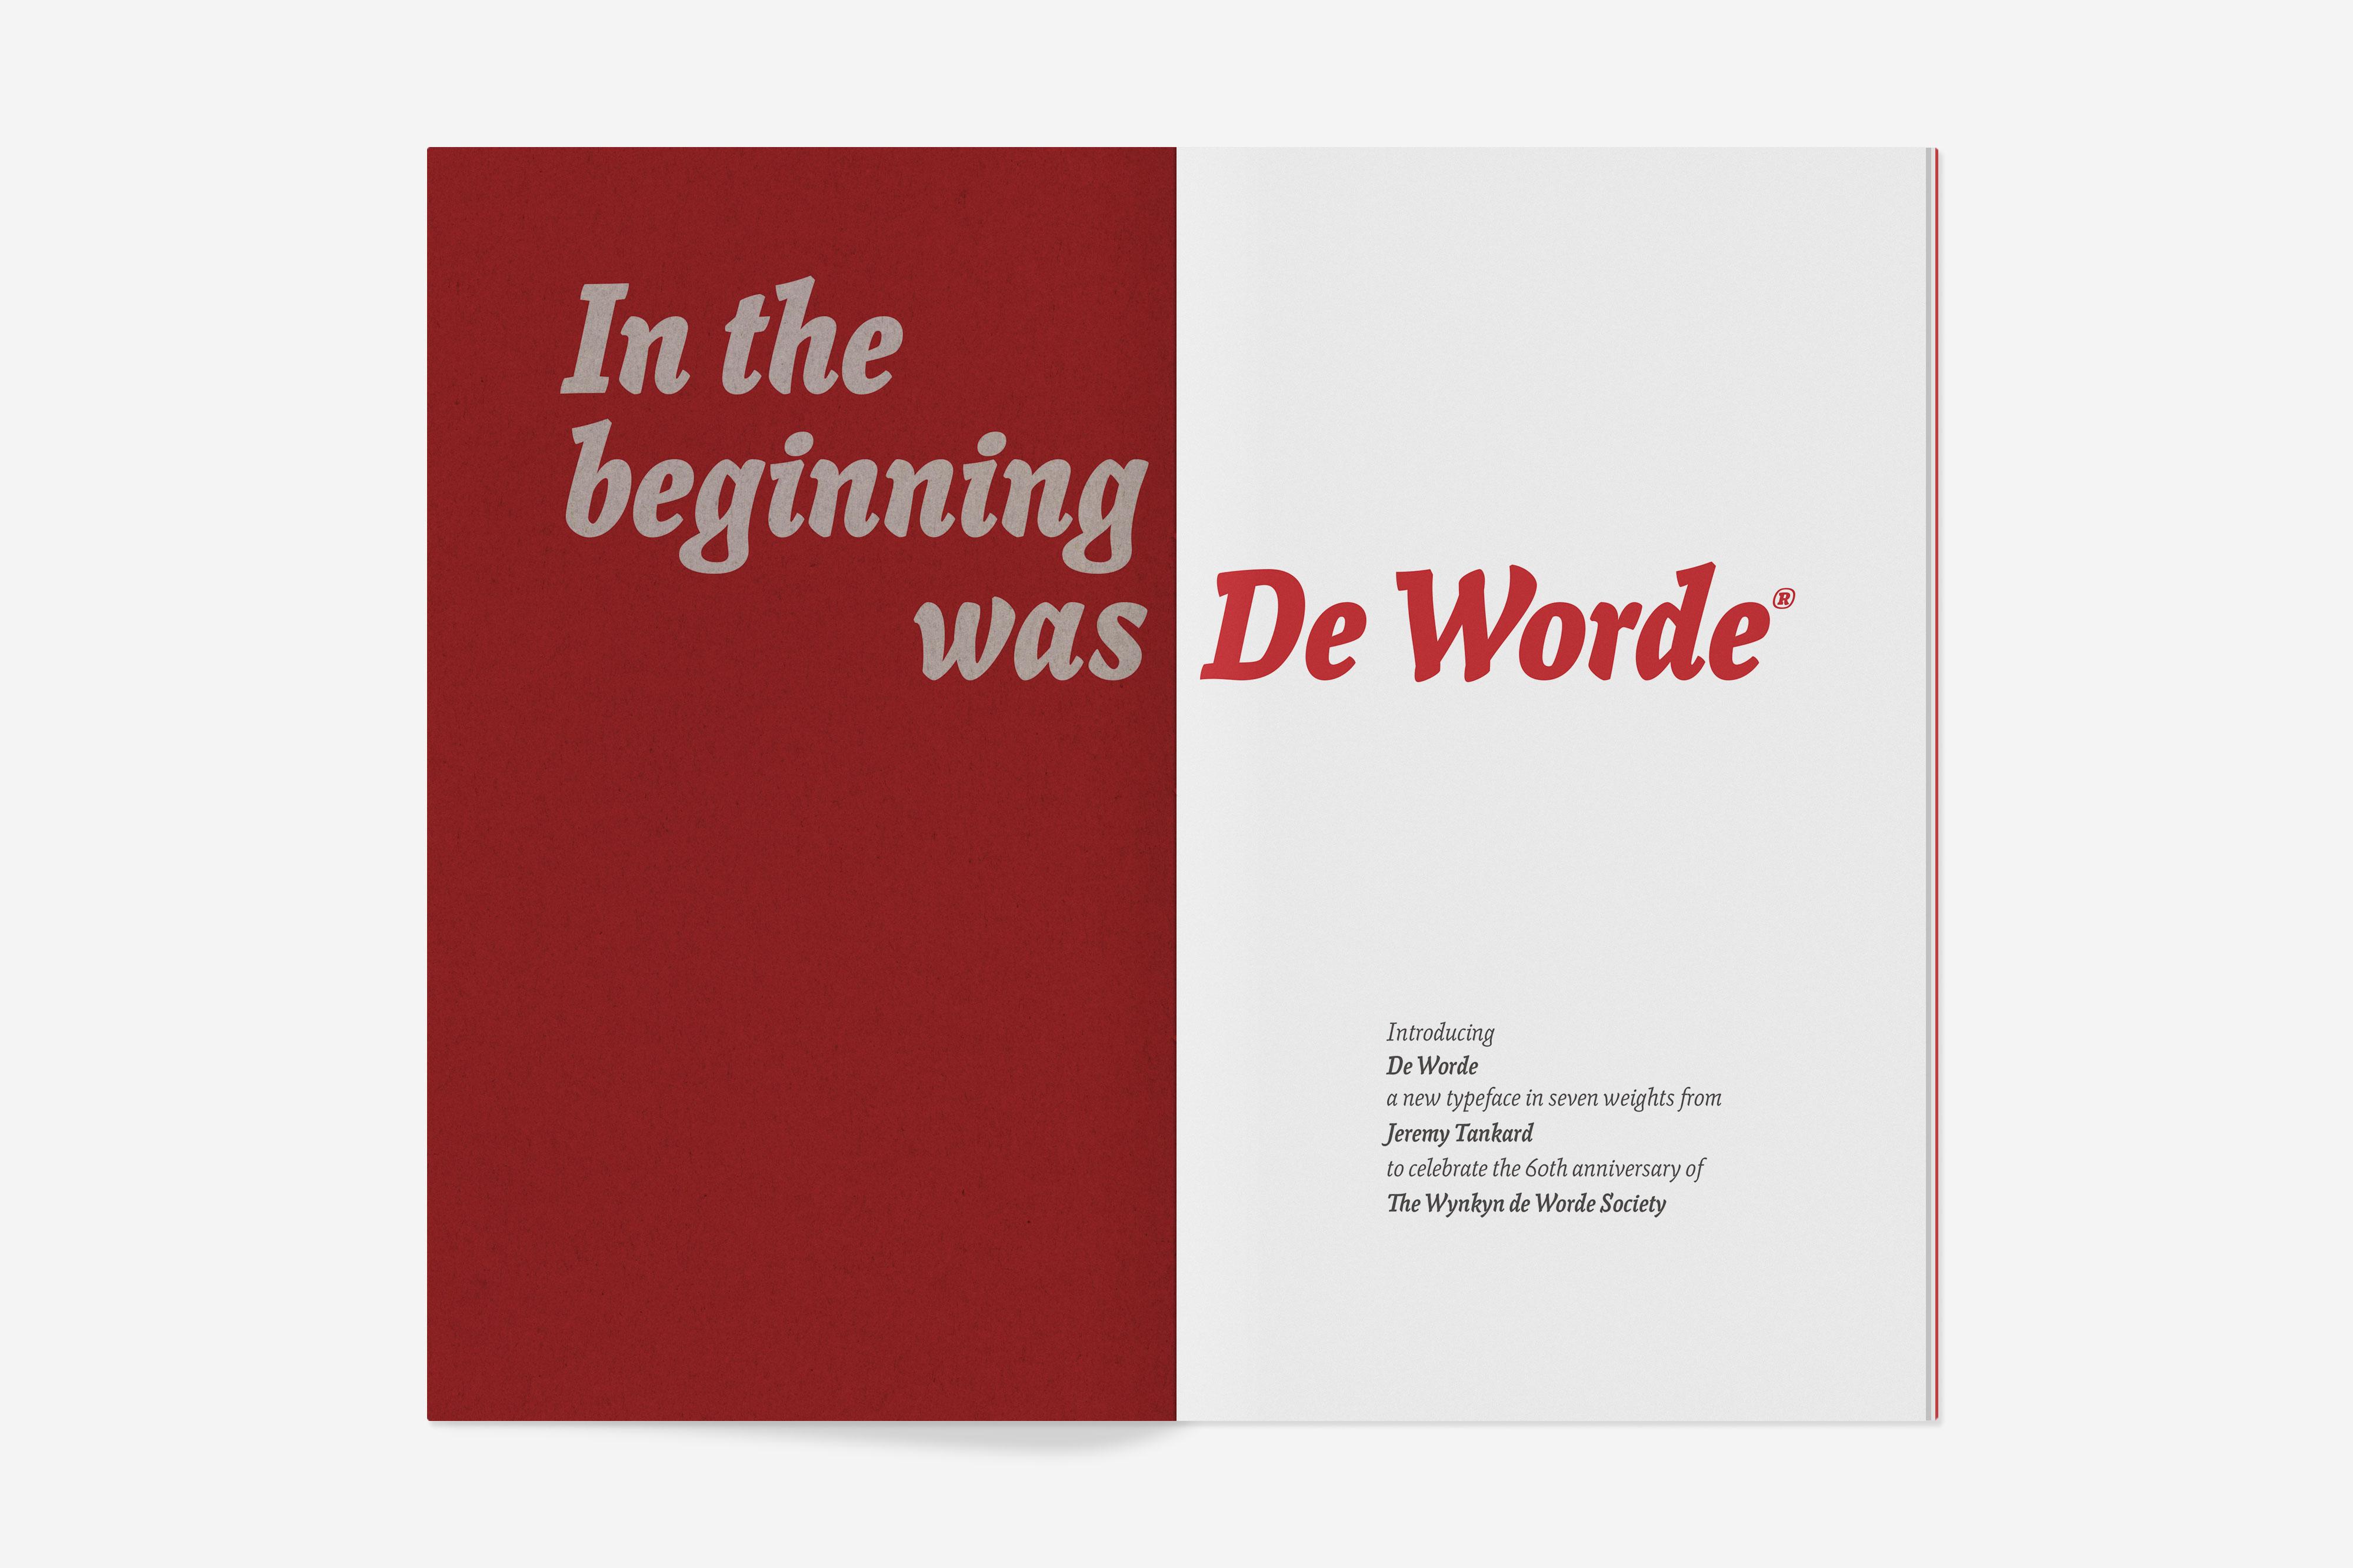 De-Worde-12